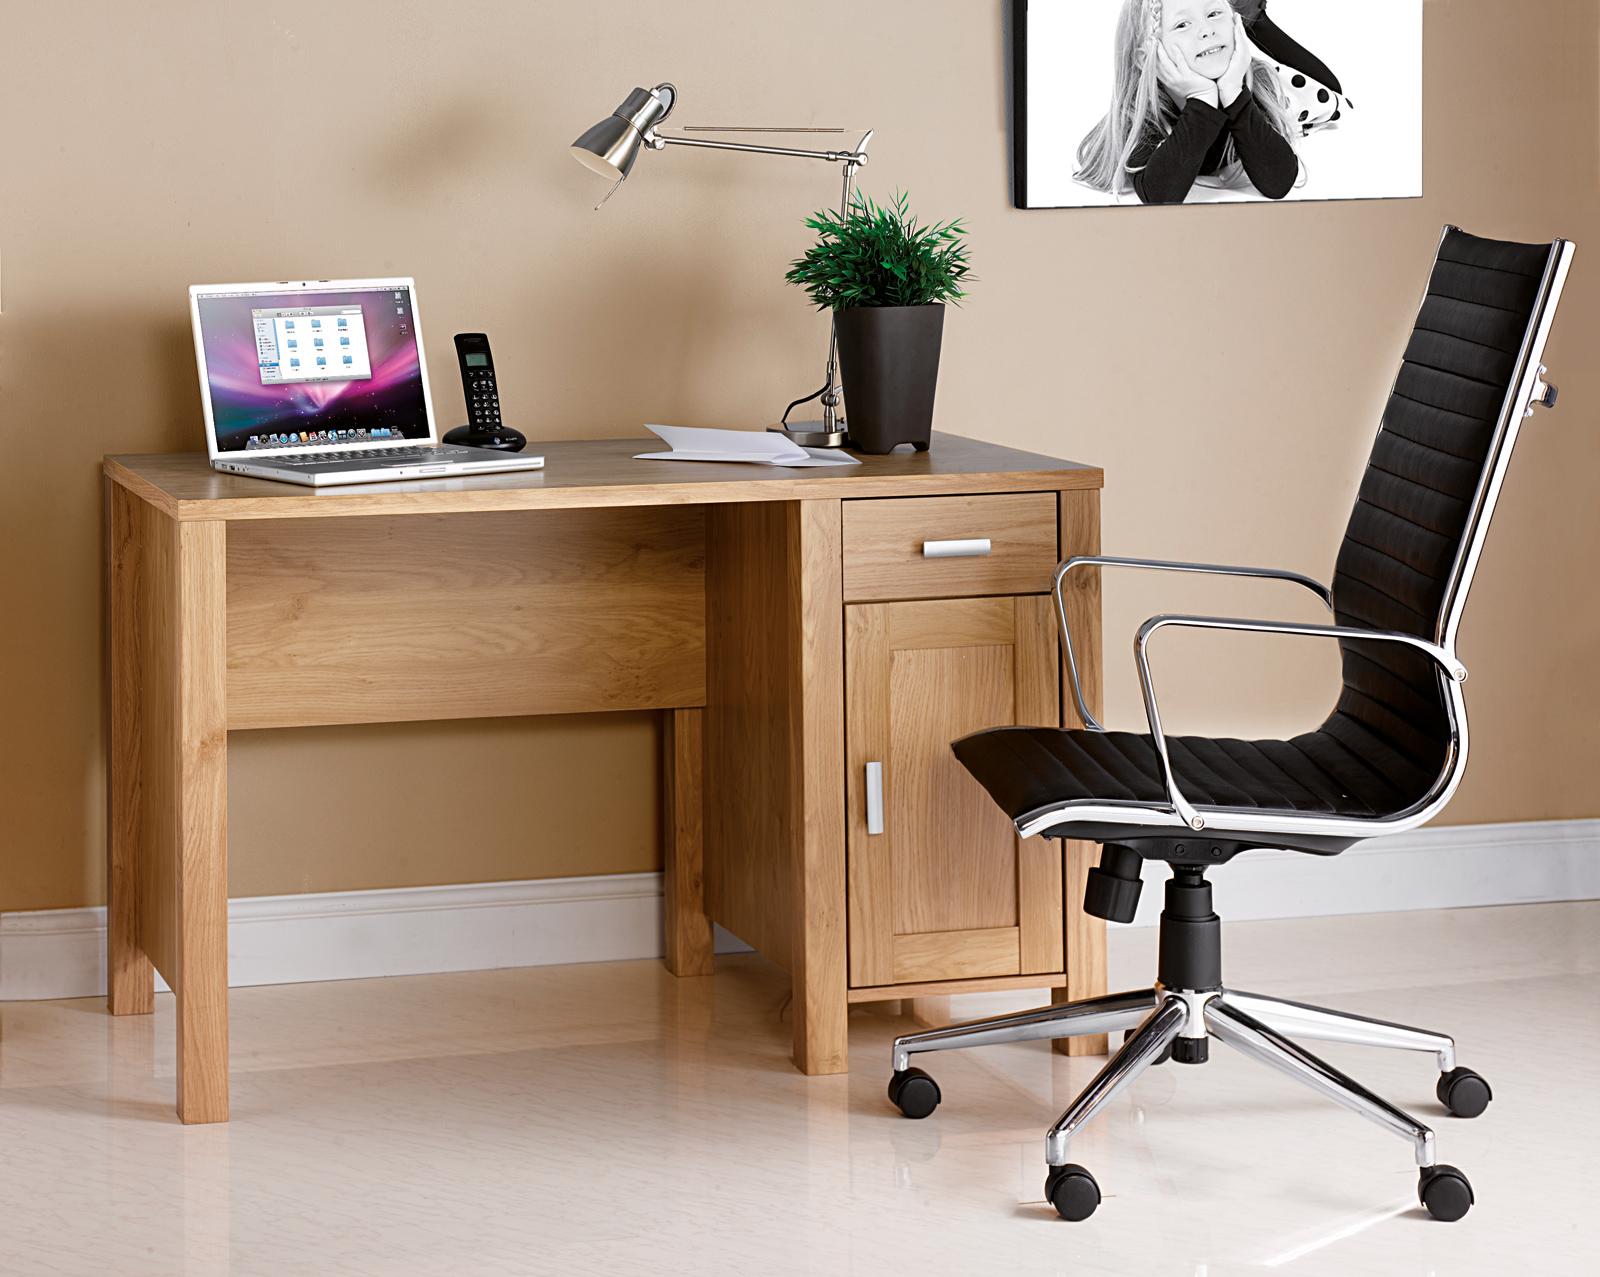 Workstation Desks Home Office